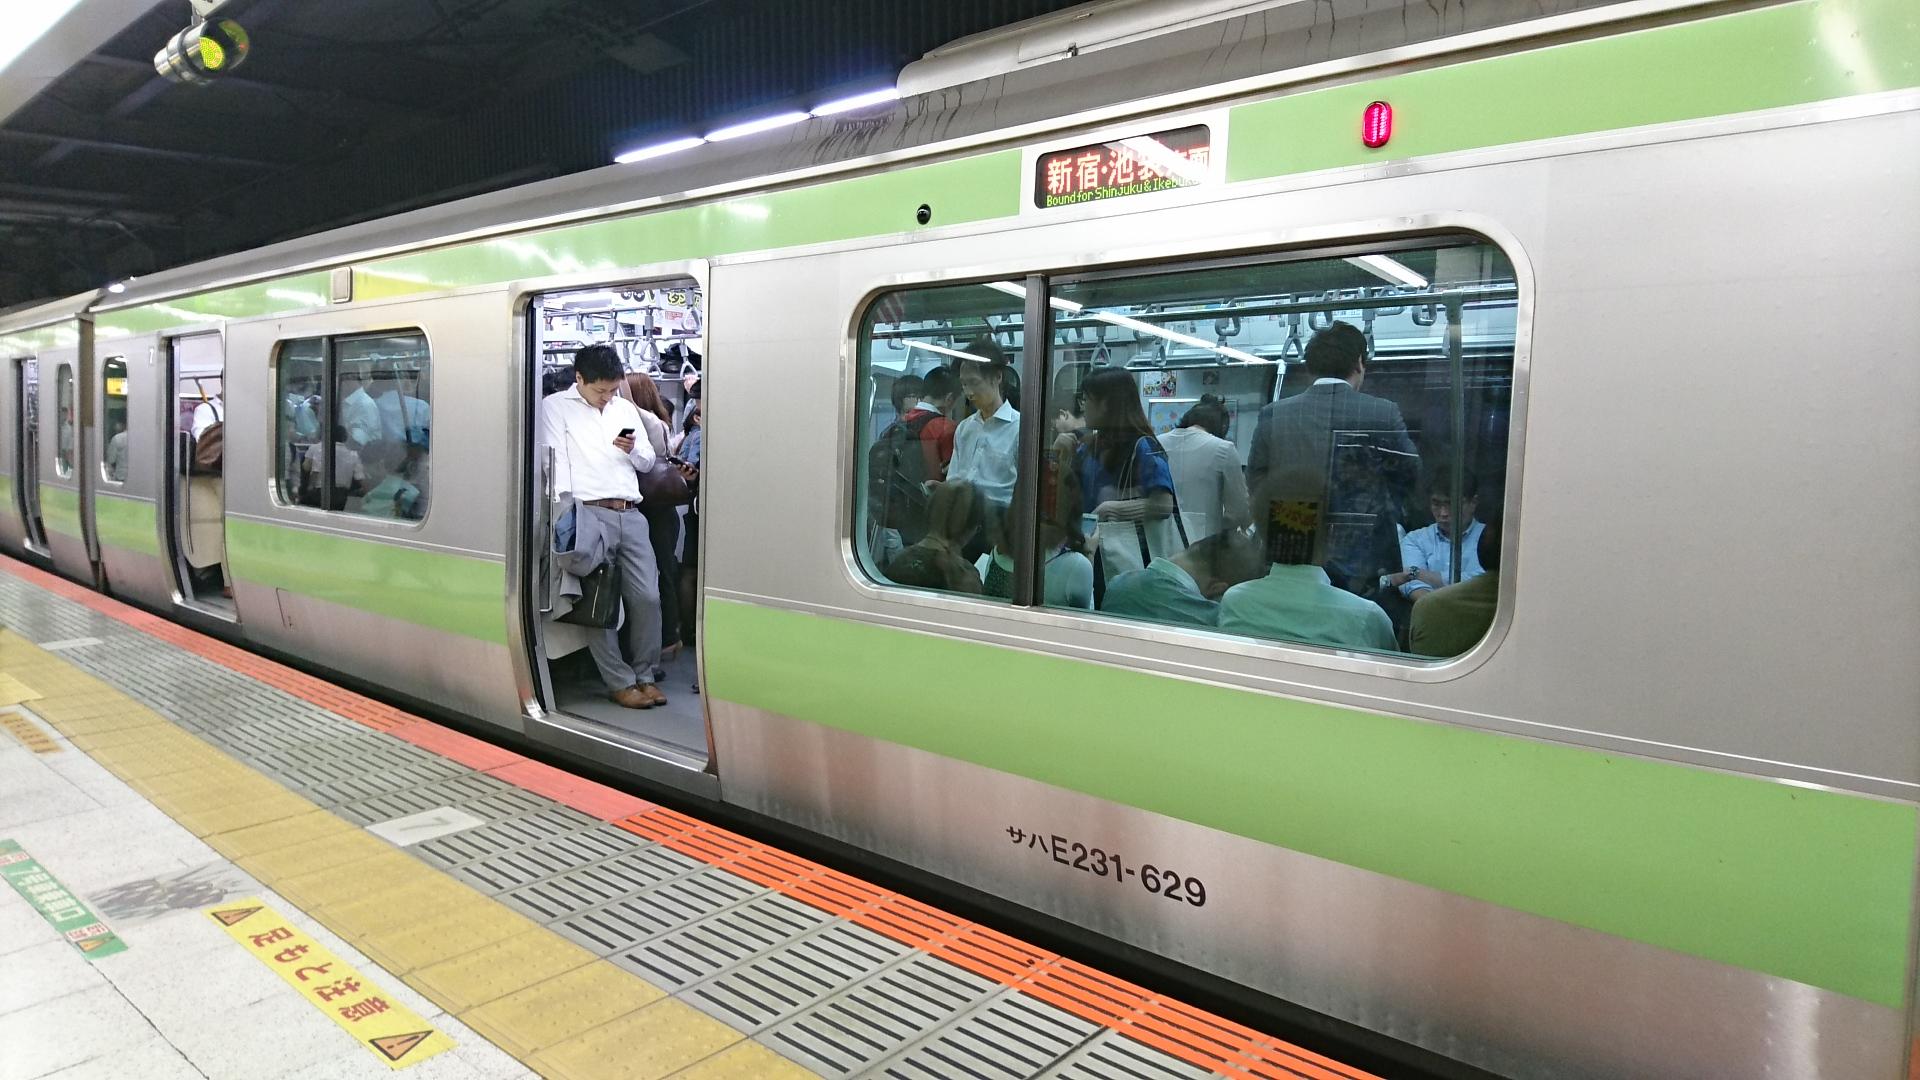 2017.10.12 東京 (97) JR渋谷 - 山手線電車 1920-1080